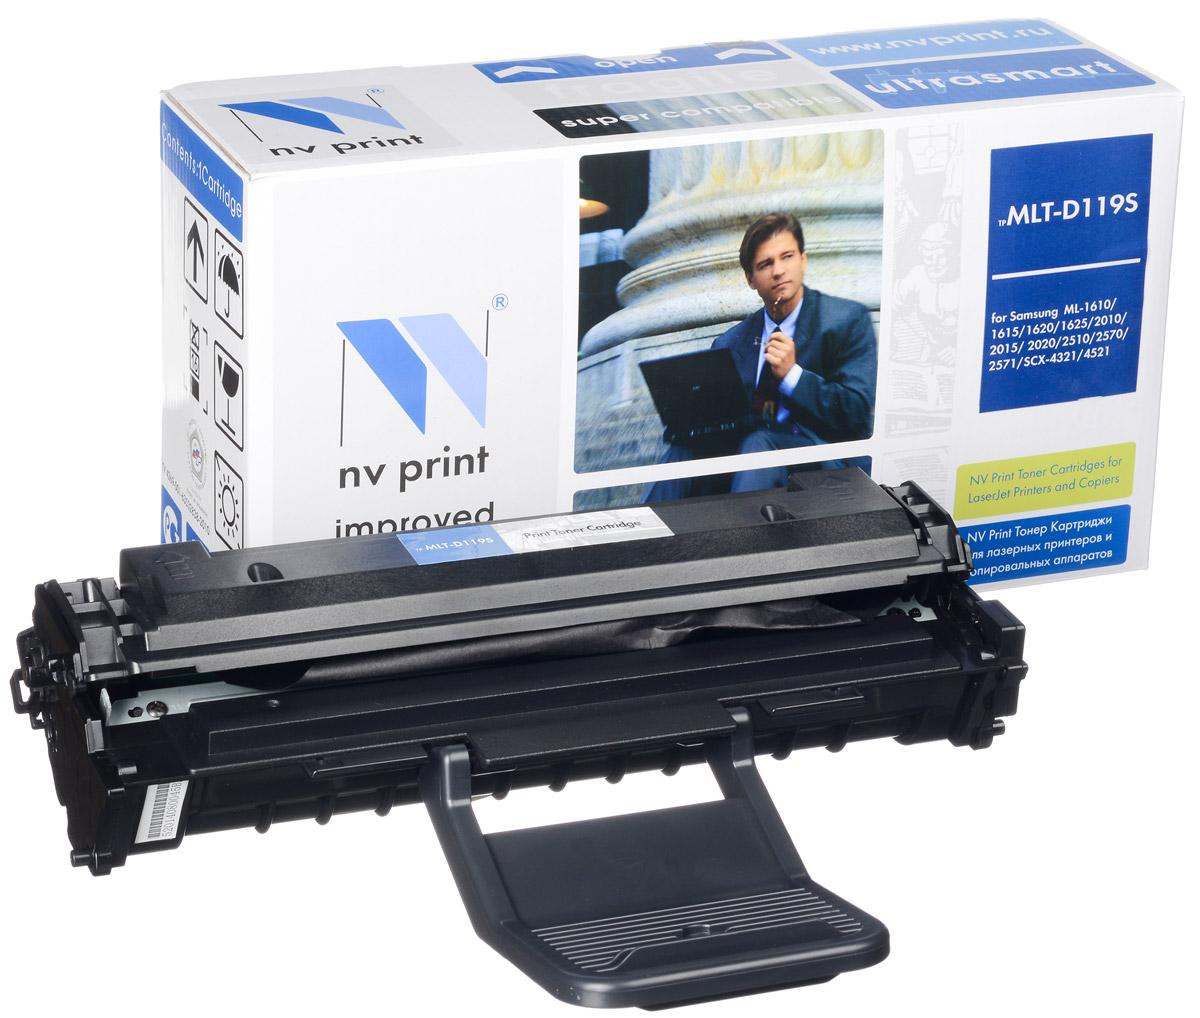 NV Print MLTD119S, Black тонер-картридж для Samsung ML-1610/1615/1620/1625/ML-2010/2015/2020/ 2510/2570/2571/SCX-4321/4521NV-MLTD119SСовместимый лазерный картридж NV Print MLTD119S для печатающих устройств Samsung - это альтернатива приобретению оригинальных расходных материалов. При этом качество печати остается высоким. Картридж обеспечивает повышенную чёткость чёрного текста и плавность переходов оттенков серого цвета и полутонов, позволяет отображать мельчайшие детали изображения. Лазерные принтеры, копировальные аппараты и МФУ являются более выгодными в печати, чем струйные устройства, так как лазерных картриджей хватает на значительно большее количество отпечатков, чем обычных. Для печати в данном случае используются не чернила, а тонер.